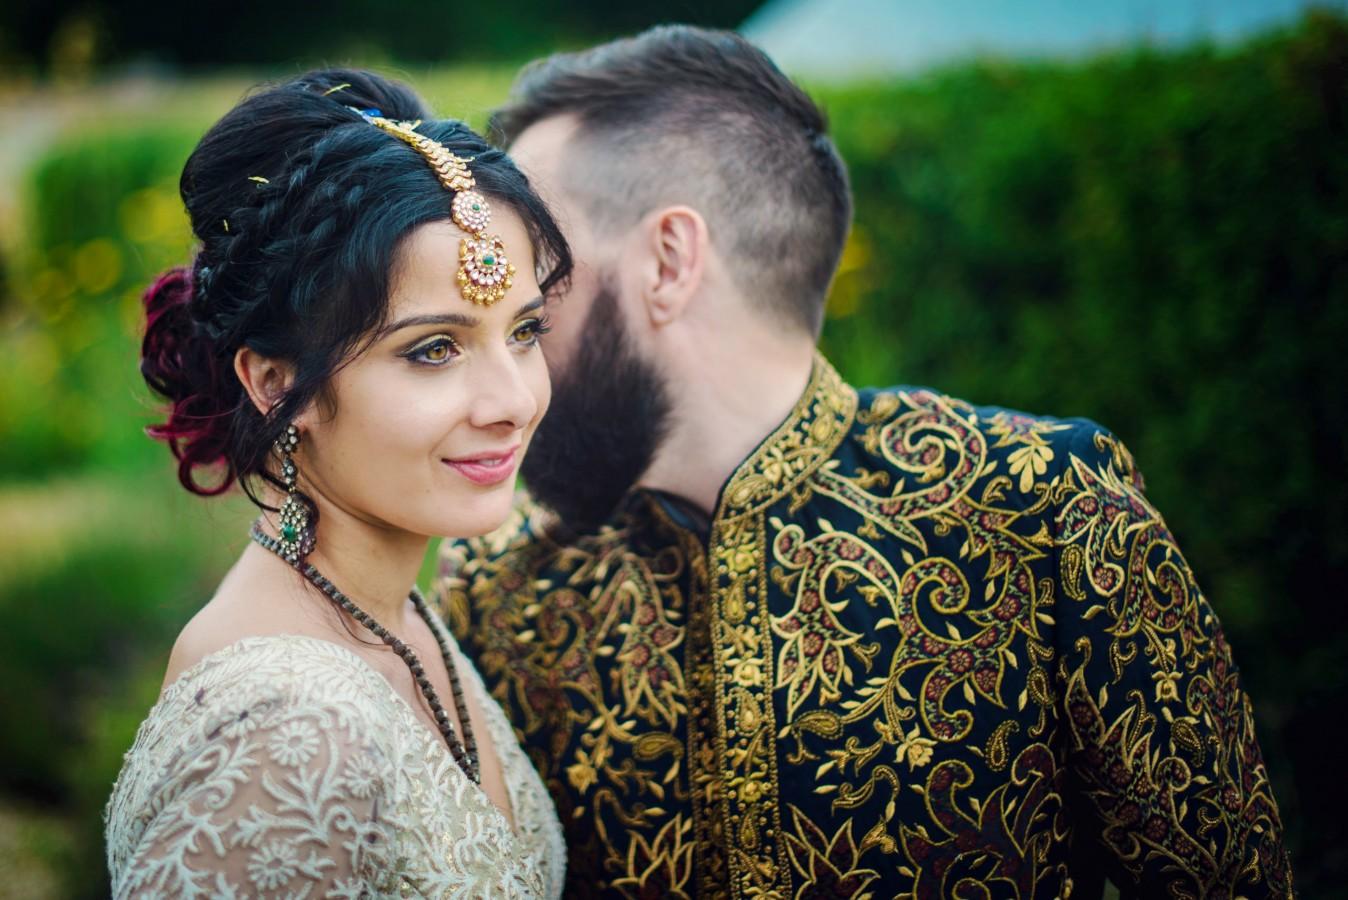 Hampshire Wedding Photographer - GK Photography-202